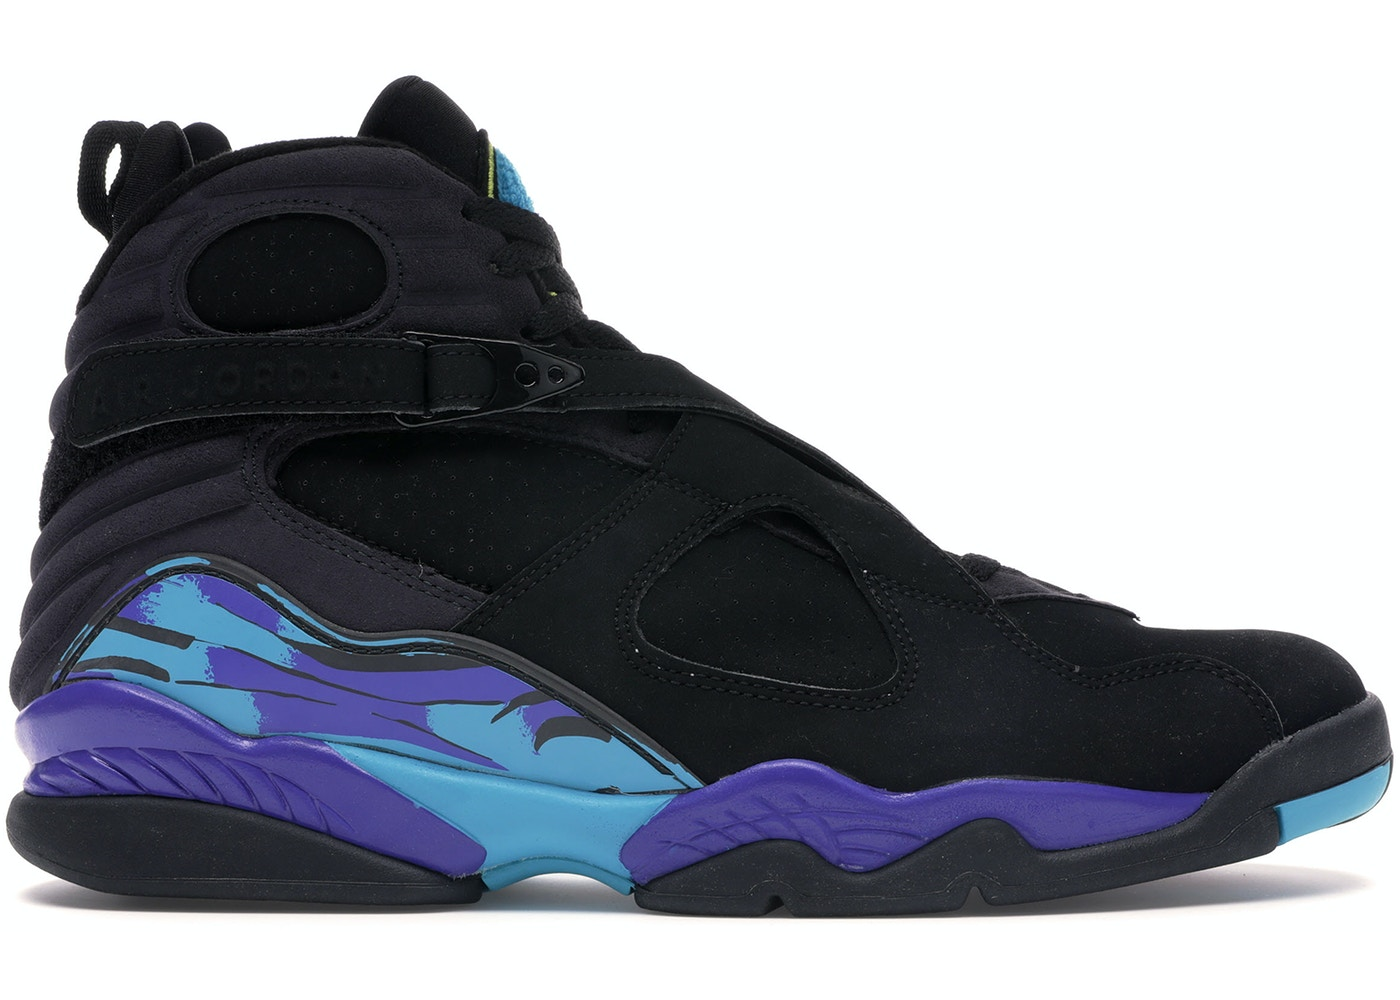 e1125e79155 Jordan 8 Retro Aqua (2007) - 305381-041